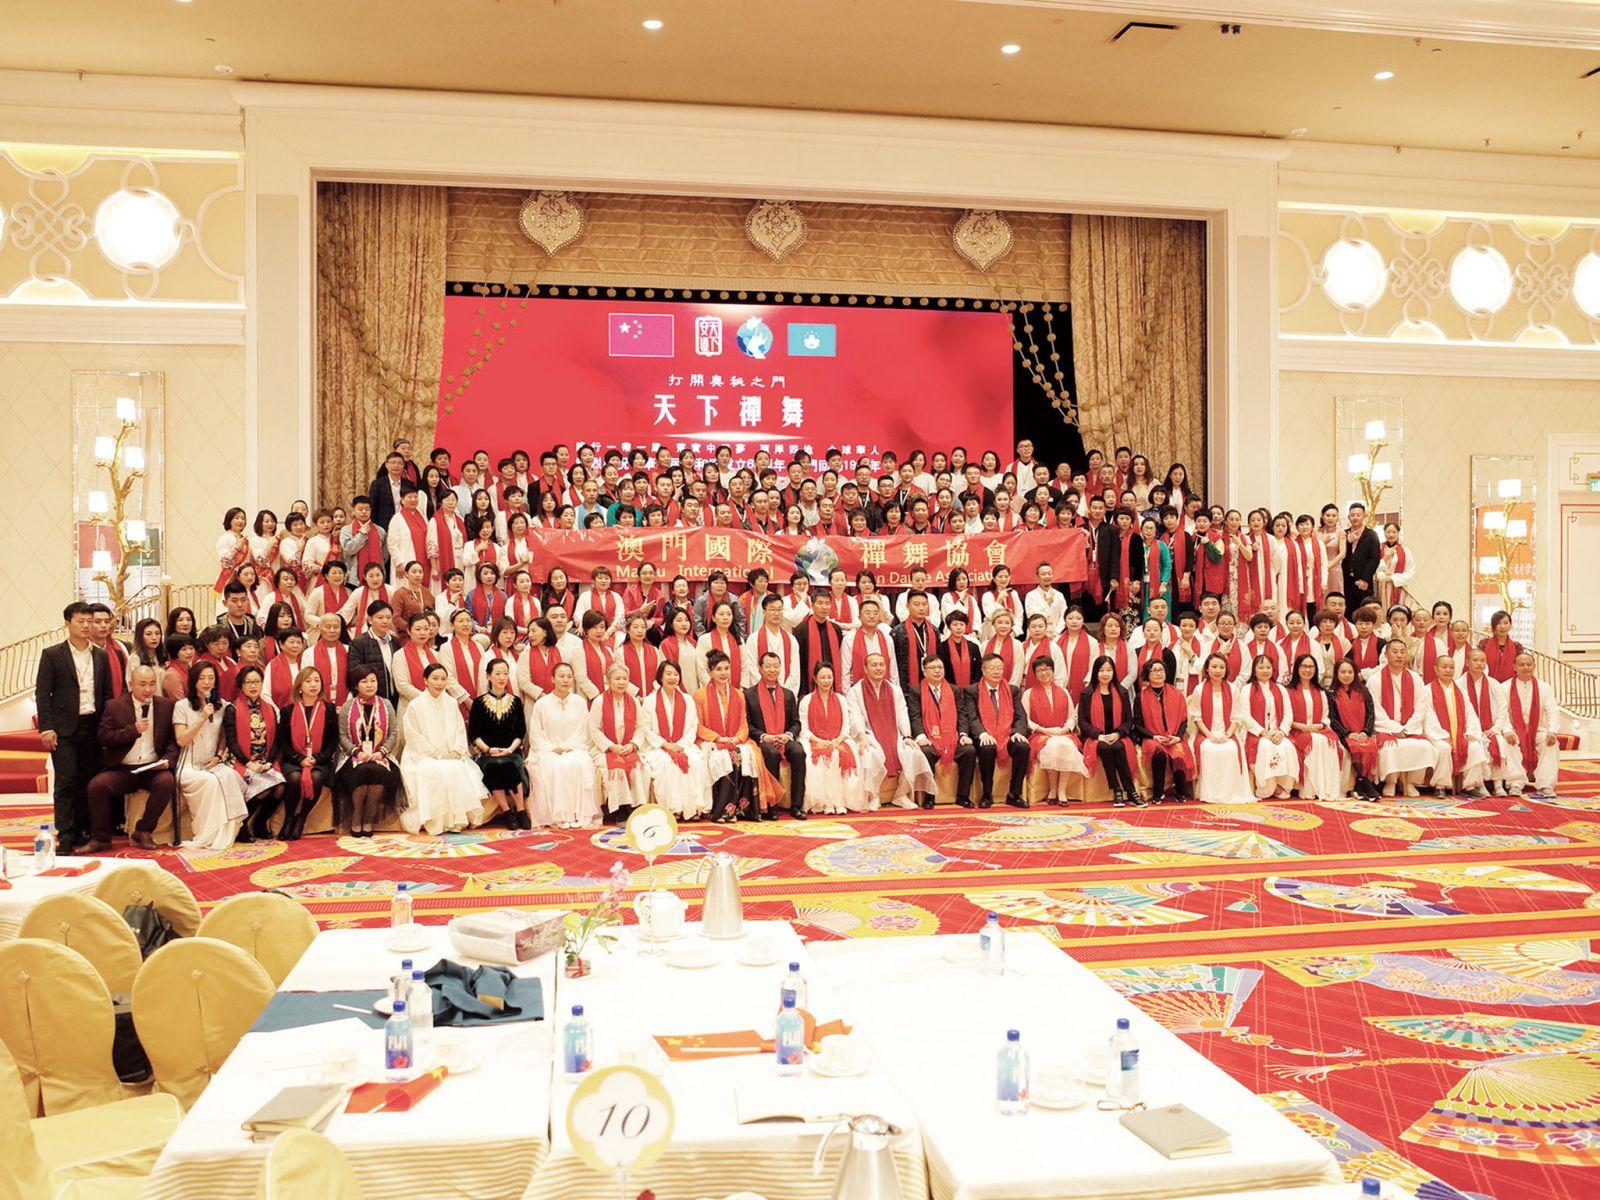 中道禪舞協會與多個社團慶回歸